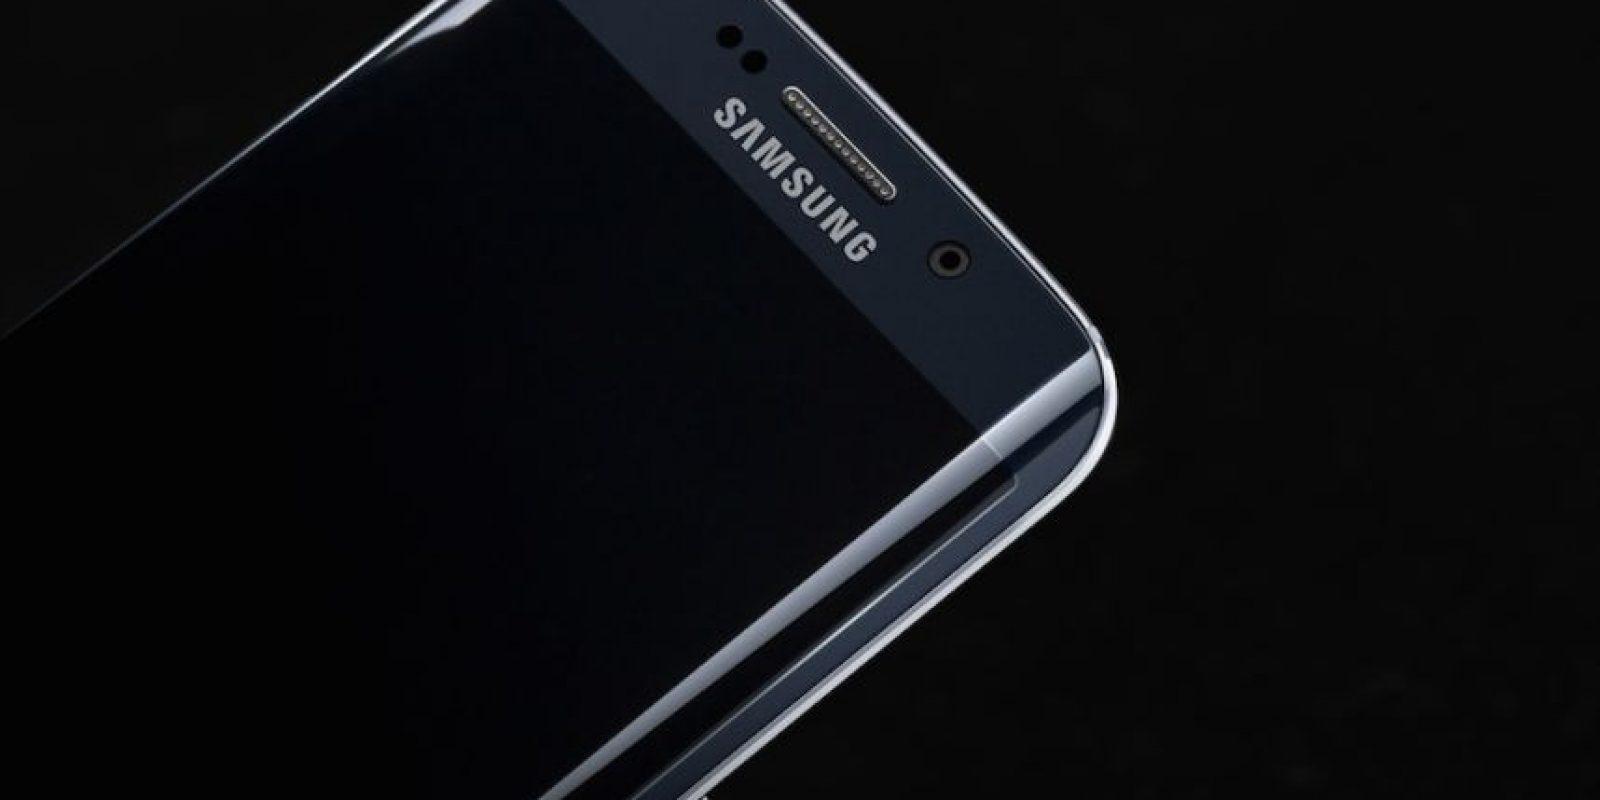 Puede realizar pagos mediante Samsung Pay. Foto:Samsung